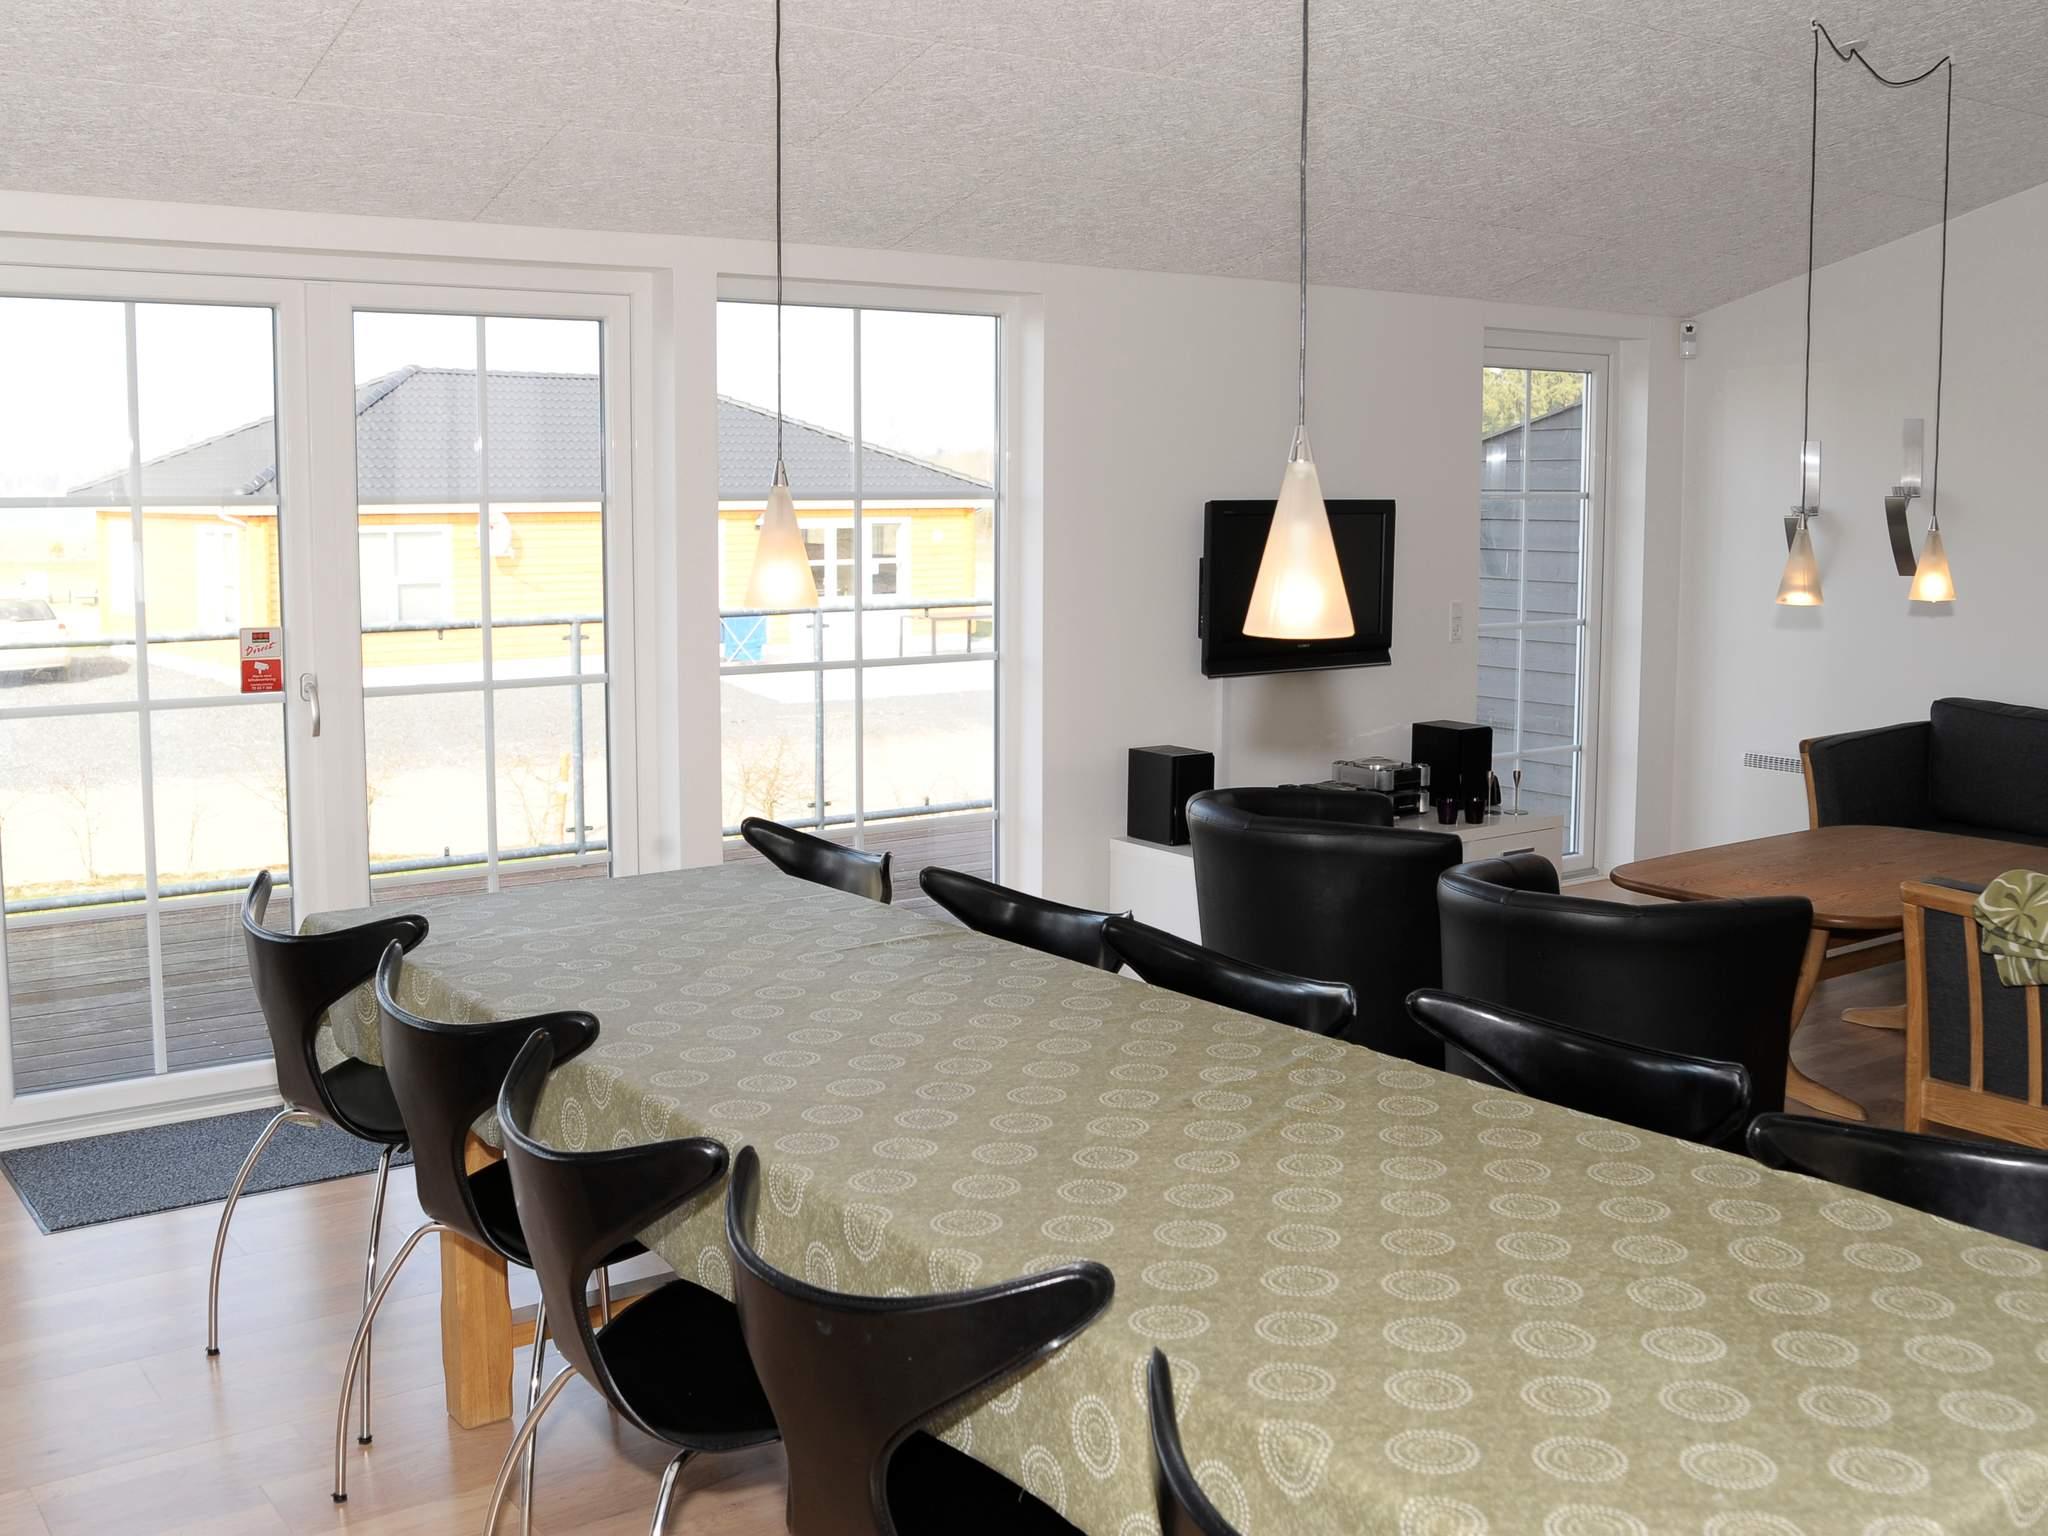 Ferienhaus Kvie Sø (318328), Kvie, , Westjütland, Dänemark, Bild 3